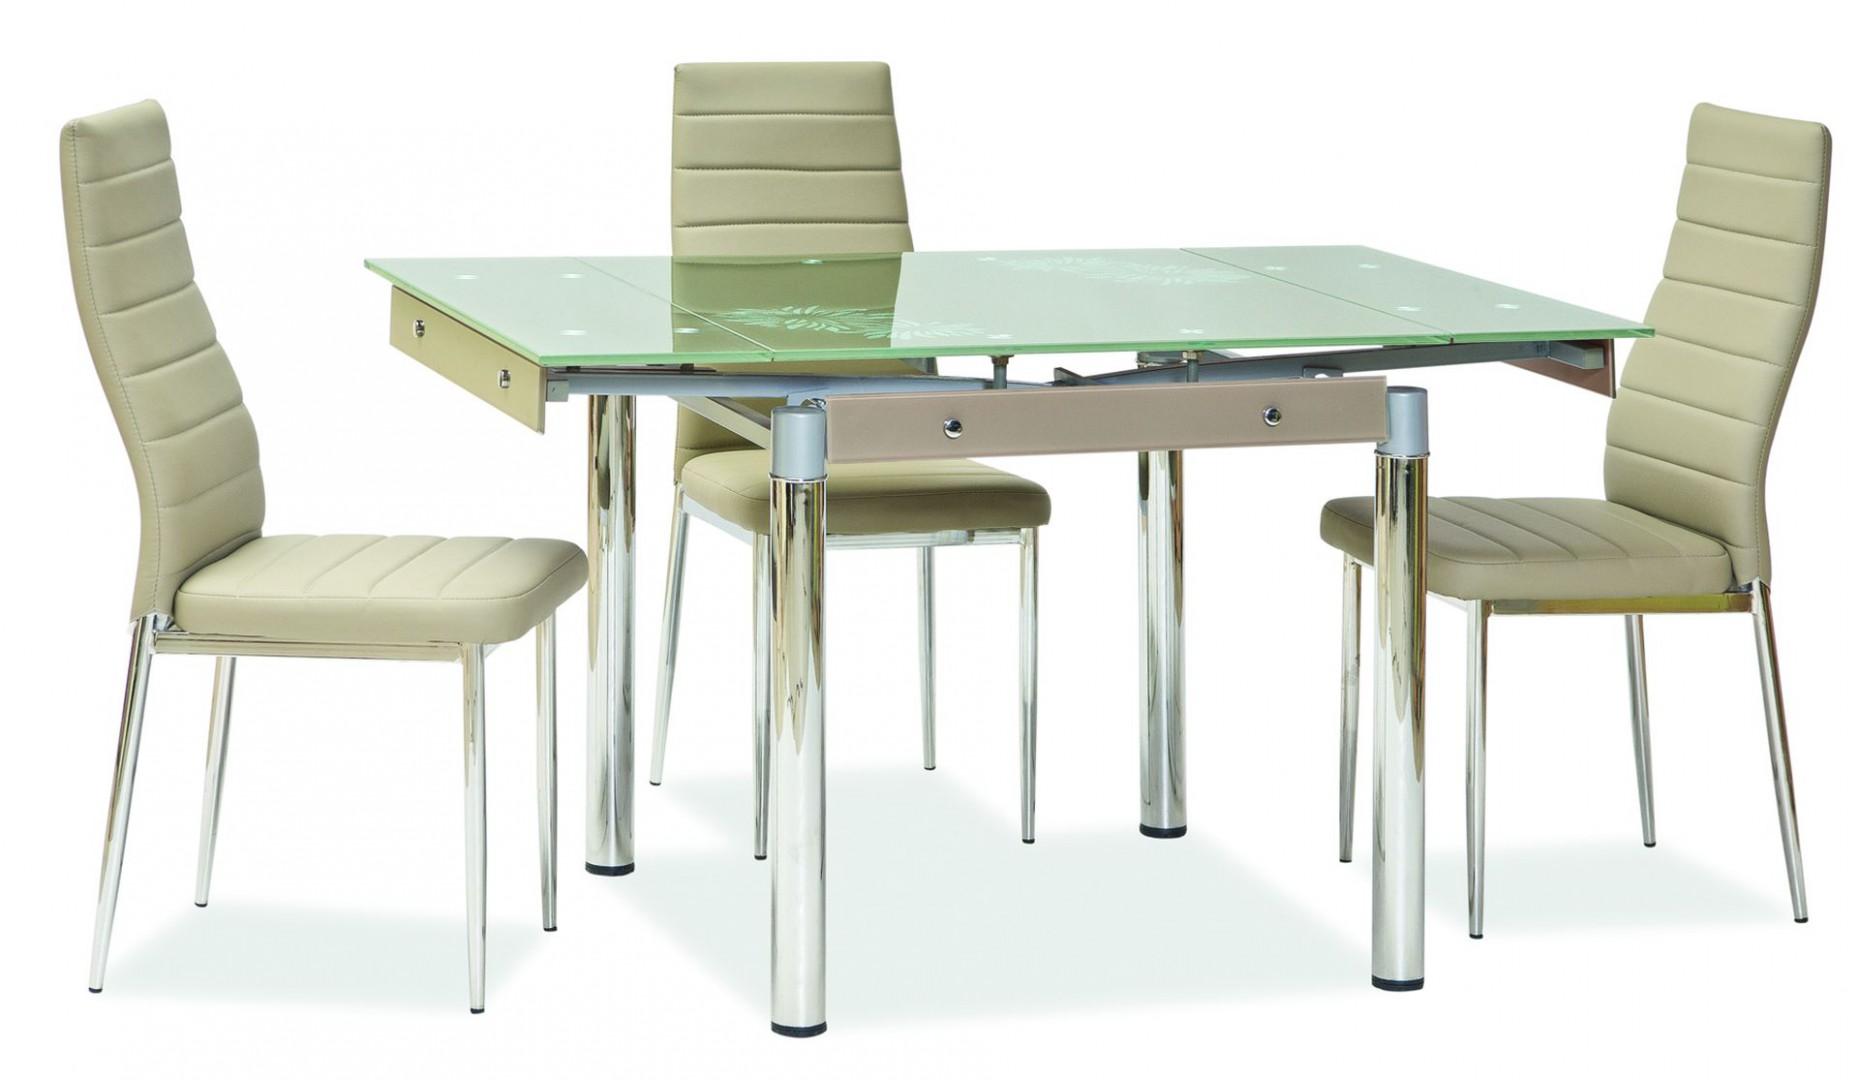 Nowoczesne krzesła do jadalni, dobrze komponują się ze stołem o szklanym blacie. Fot. Signal